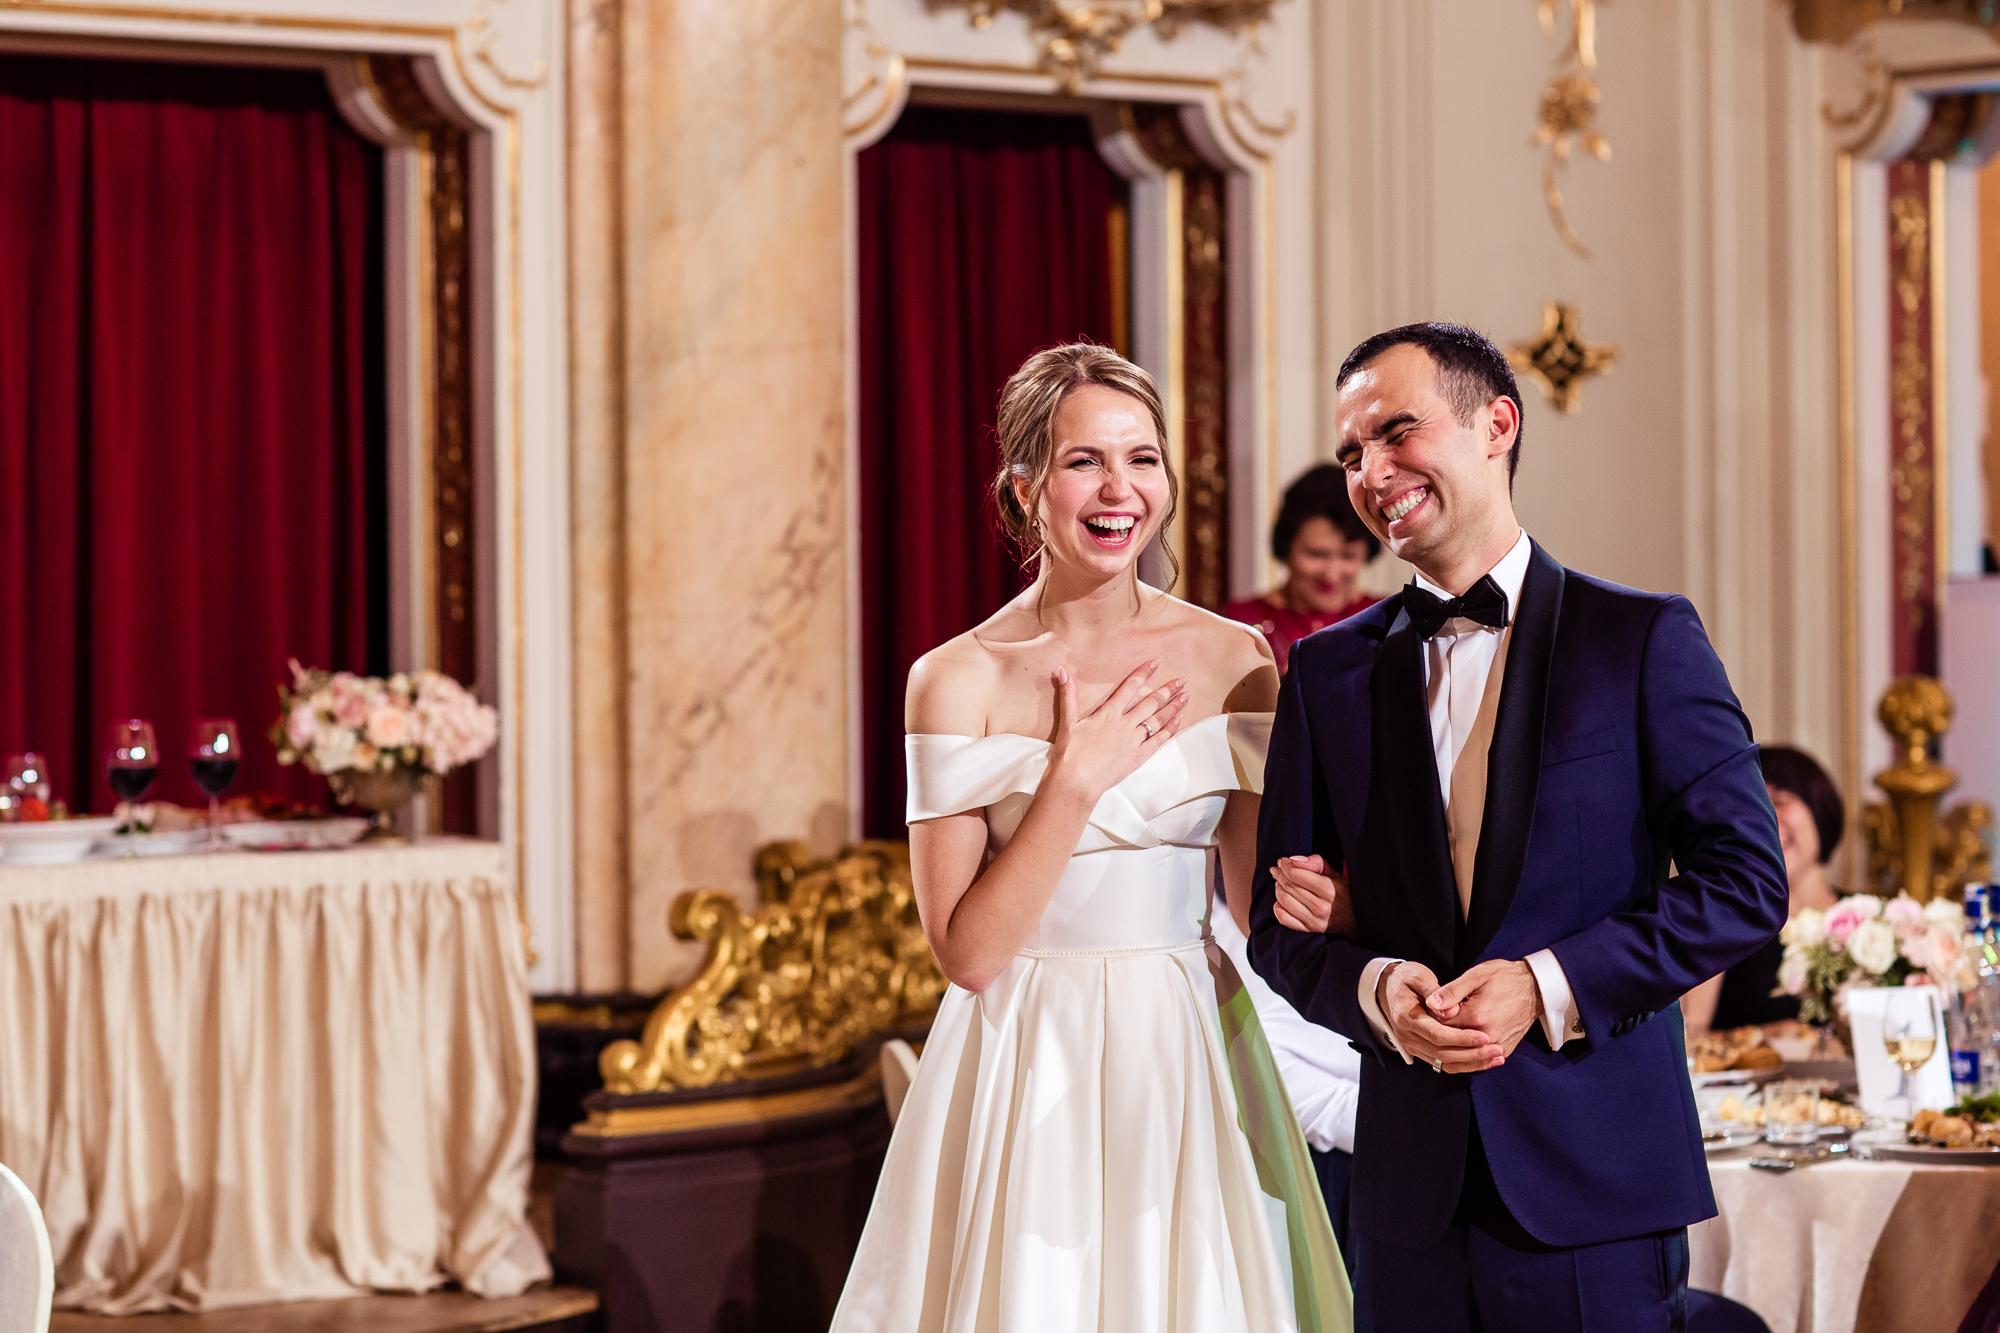 Свадьба Марии и Искандера, г. Прага, Чехия. Анонс